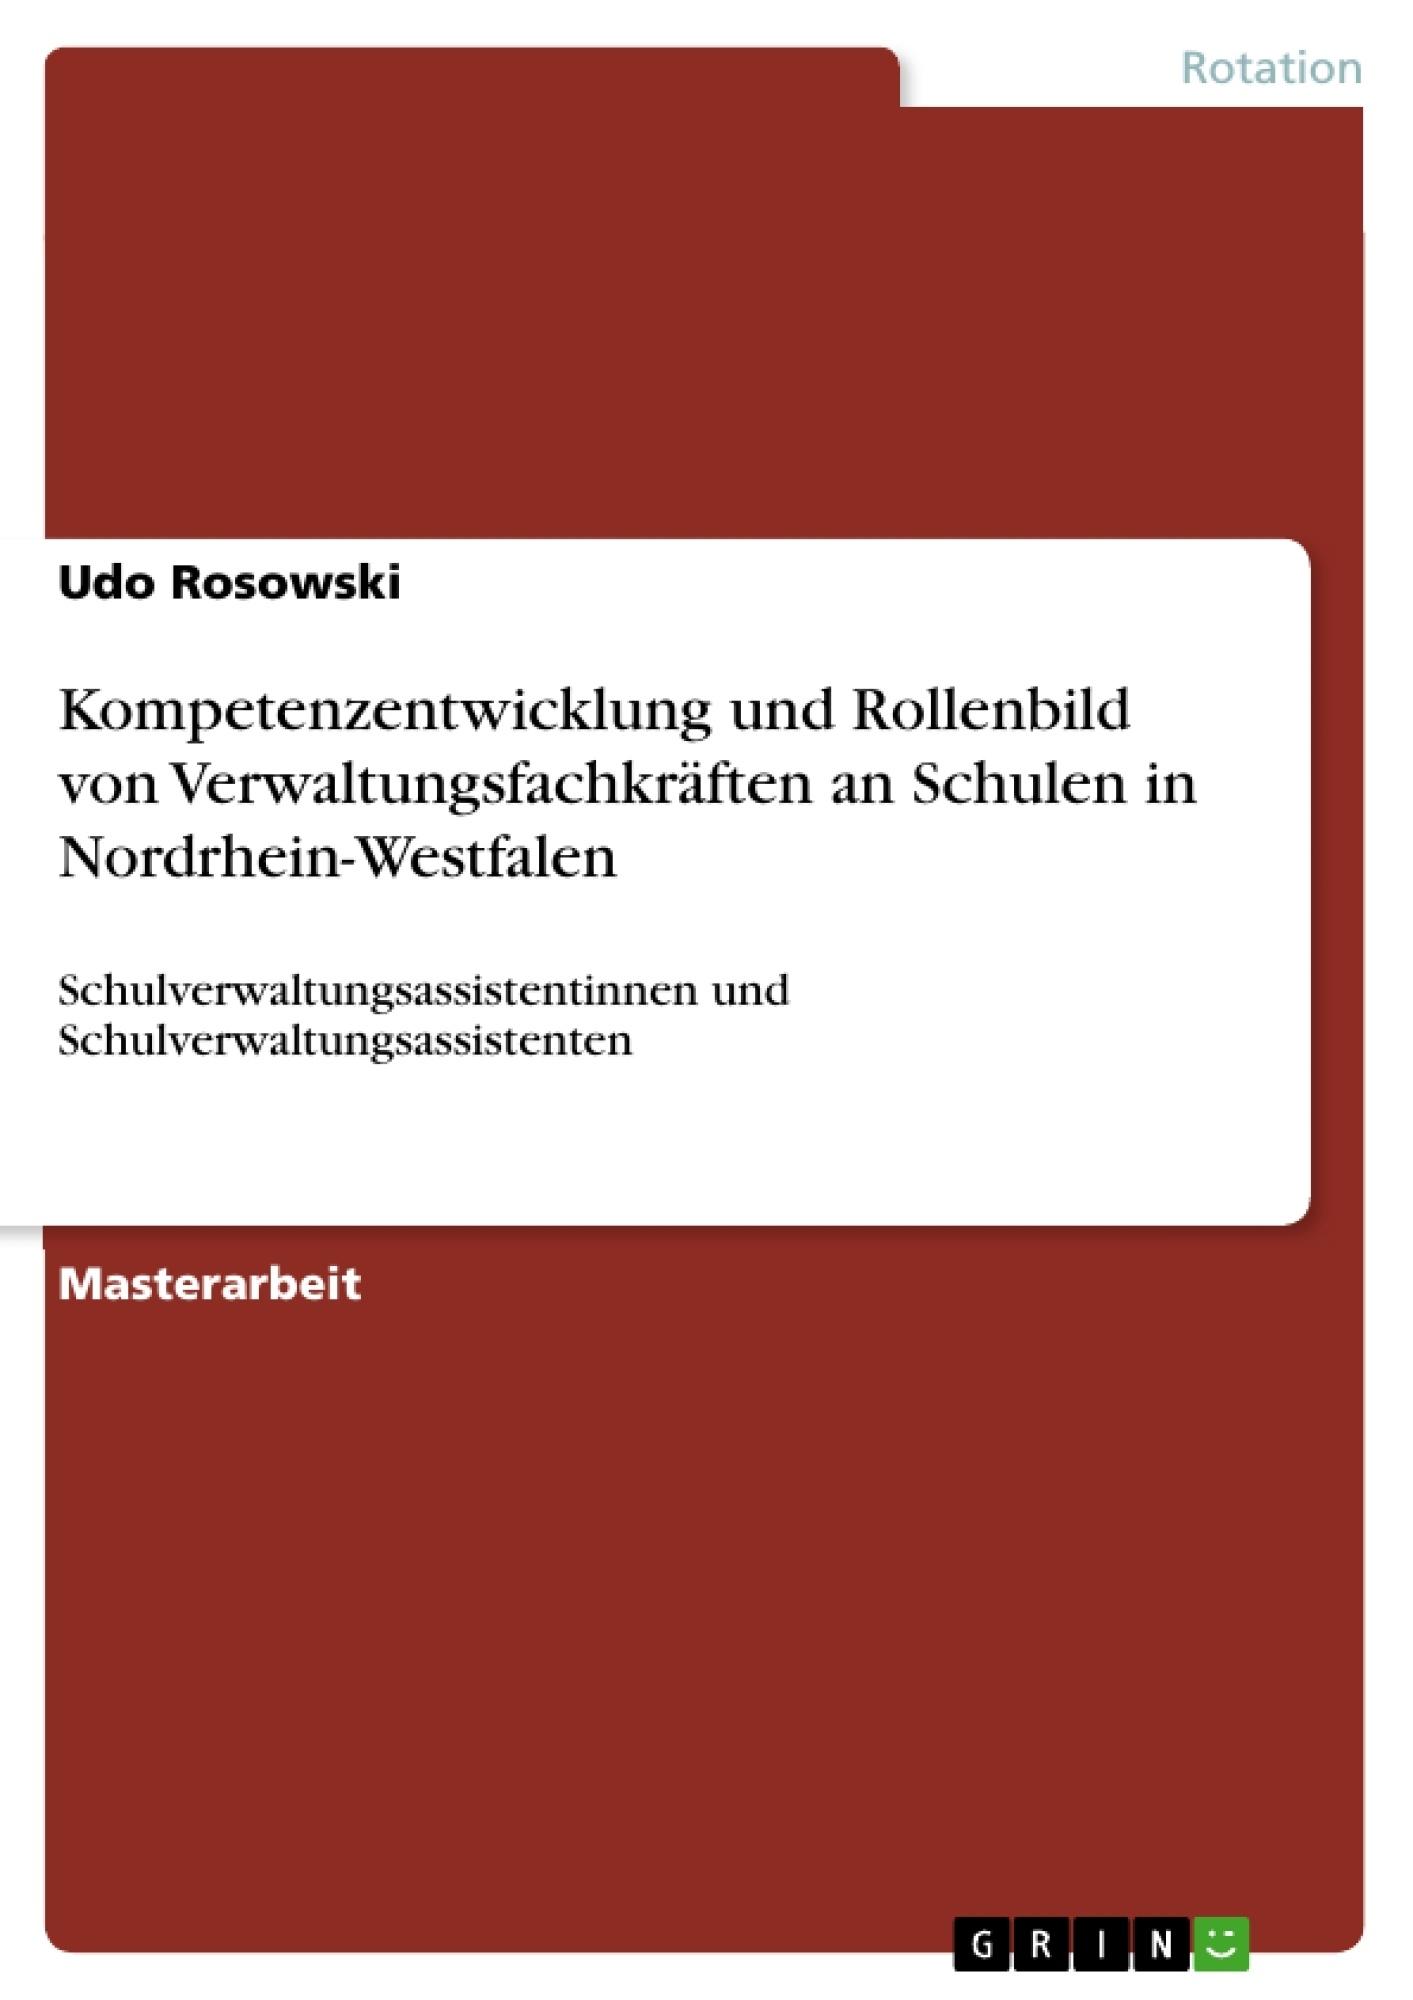 Titel: Kompetenzentwicklung und Rollenbild von Verwaltungsfachkräften an Schulen in Nordrhein-Westfalen